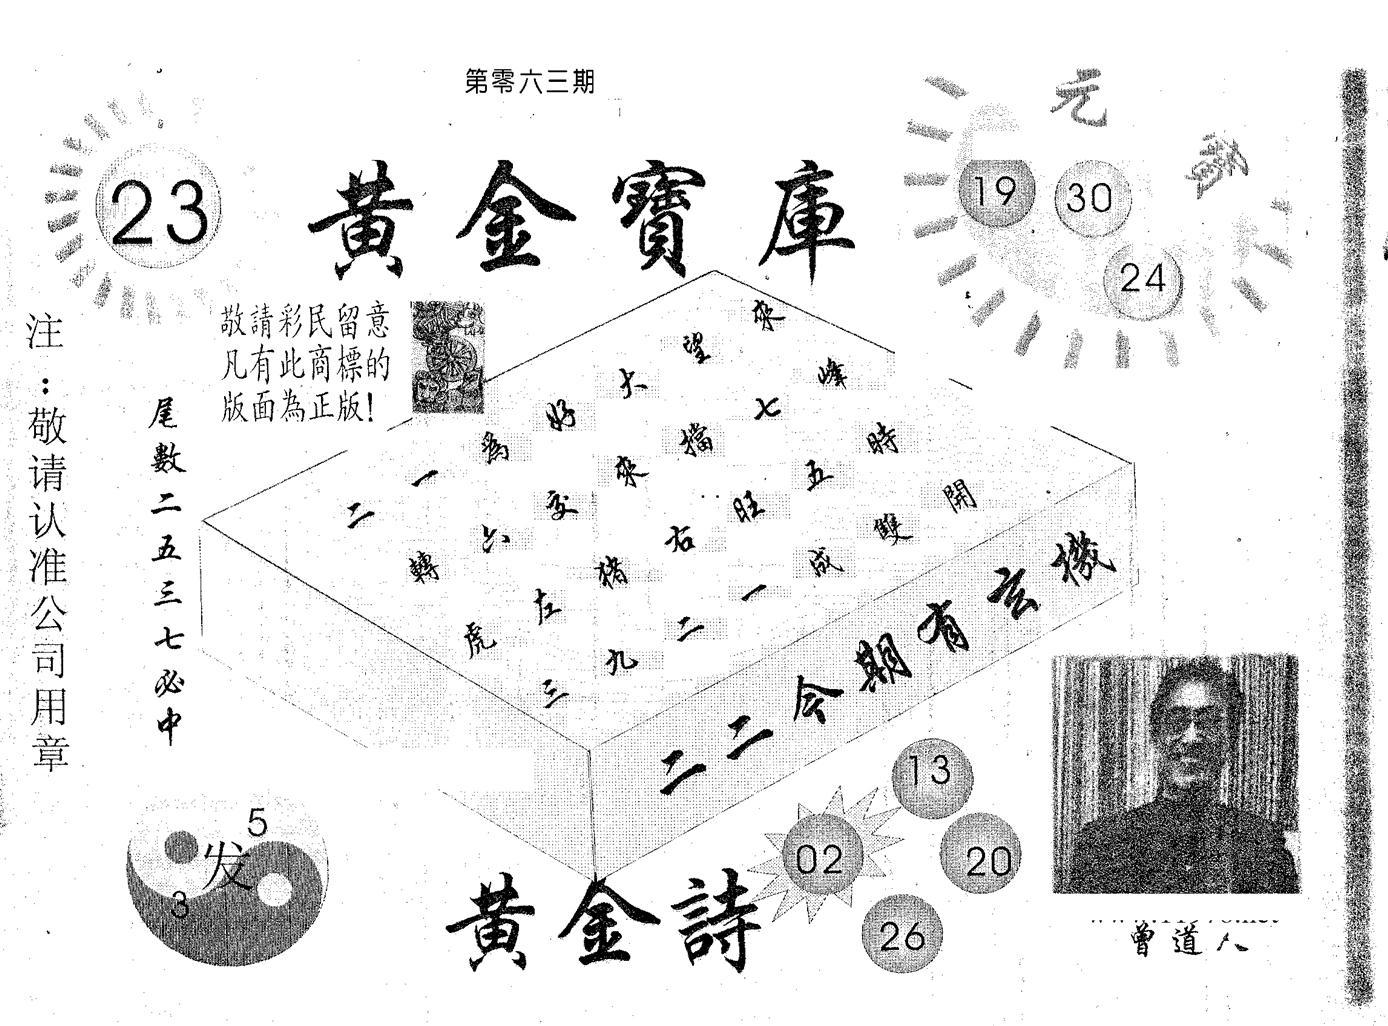 063期黄金宝库(黑白)